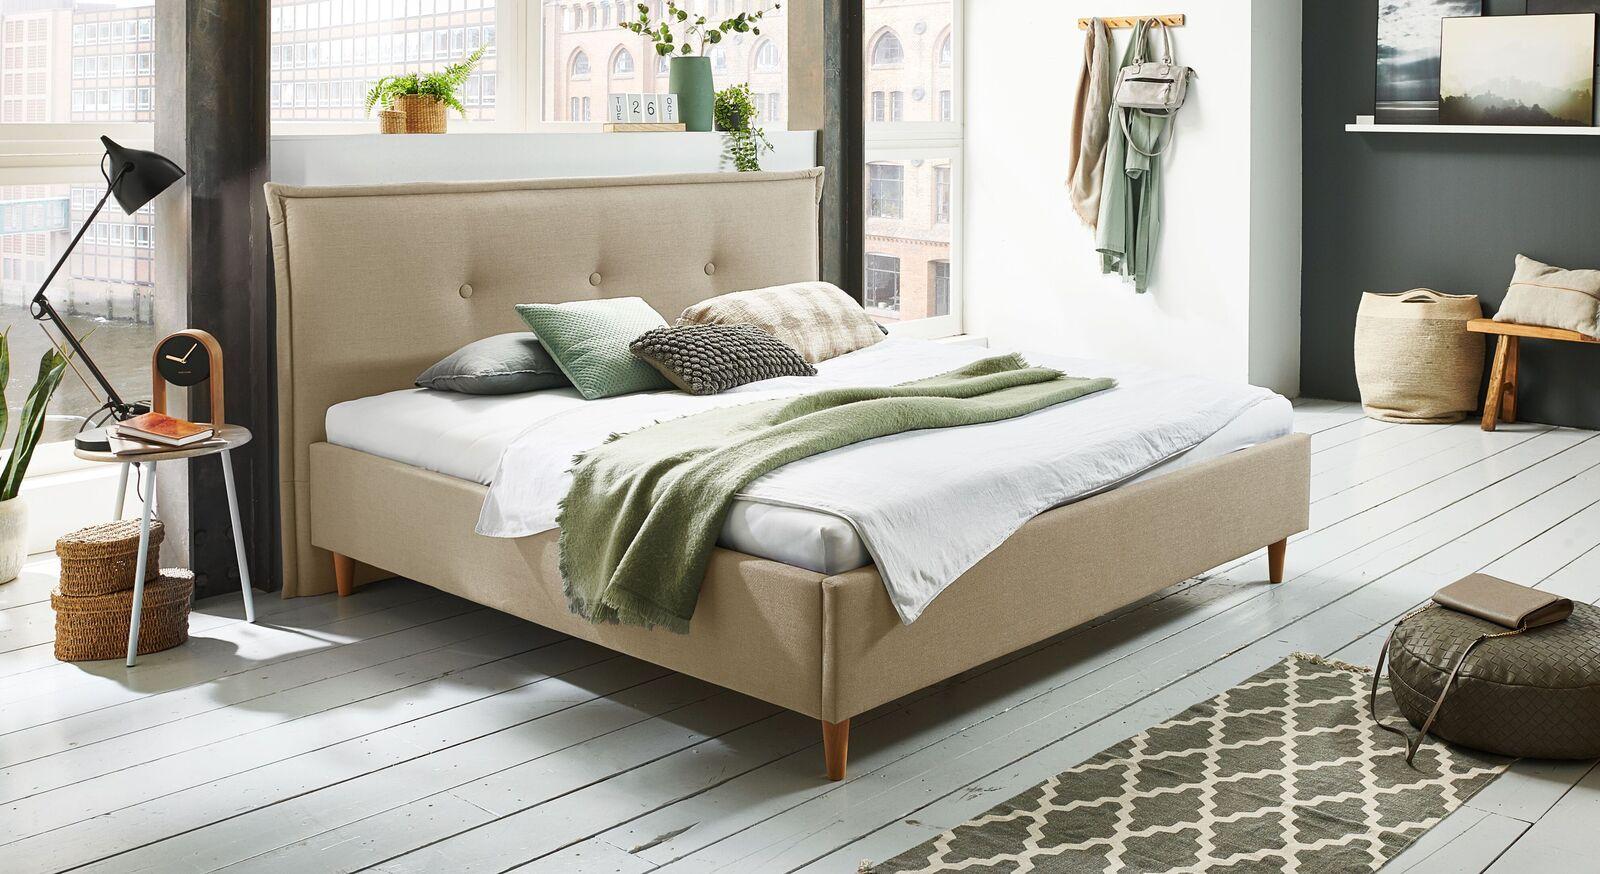 Bett Indore mit hochwertigem Webstoff in Natur